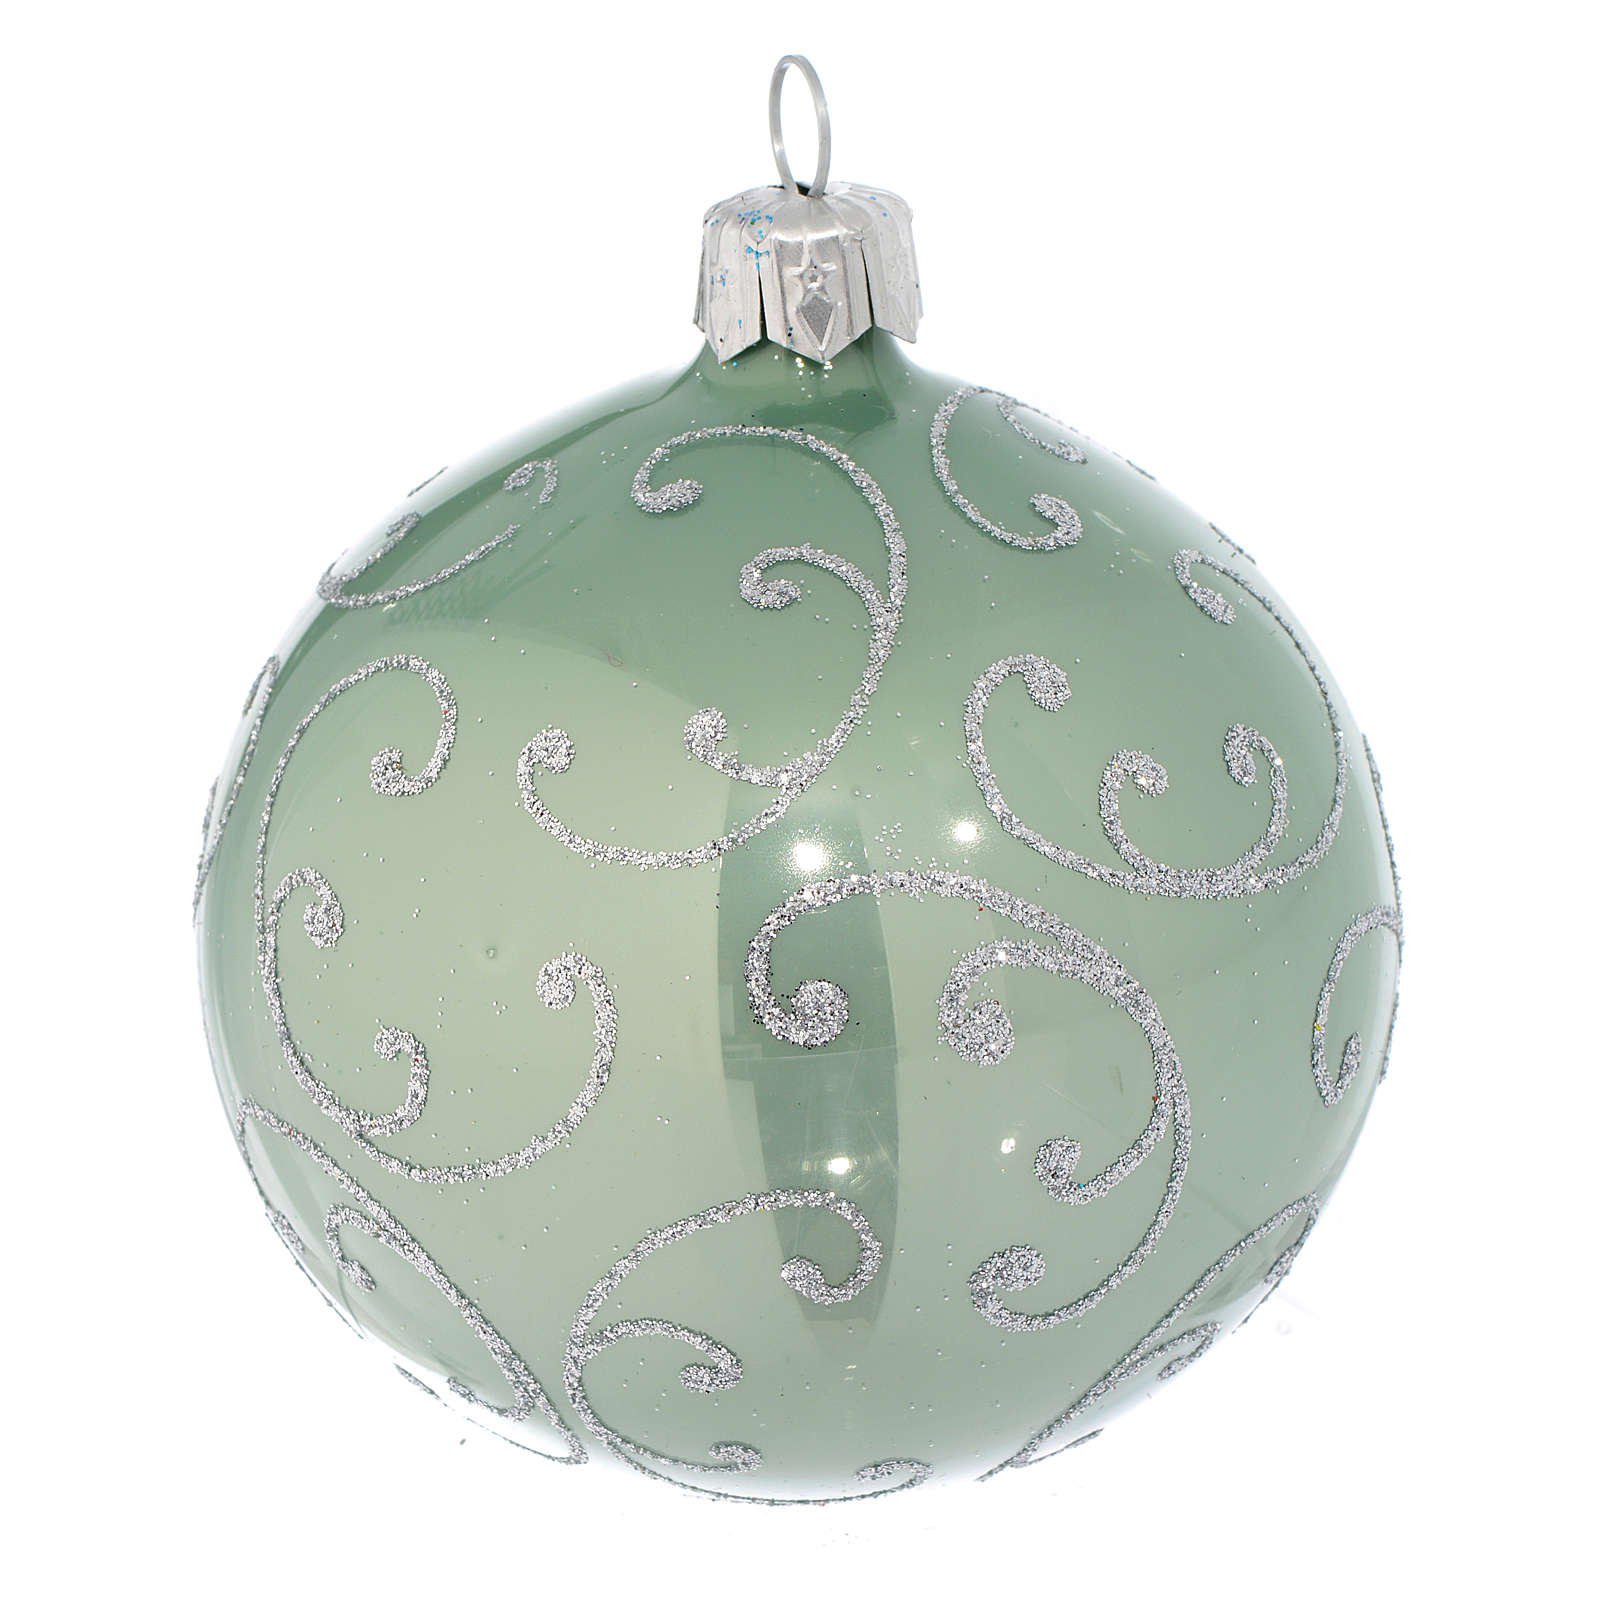 Pallina vetro verde metallizzato e argento 80 mm 4